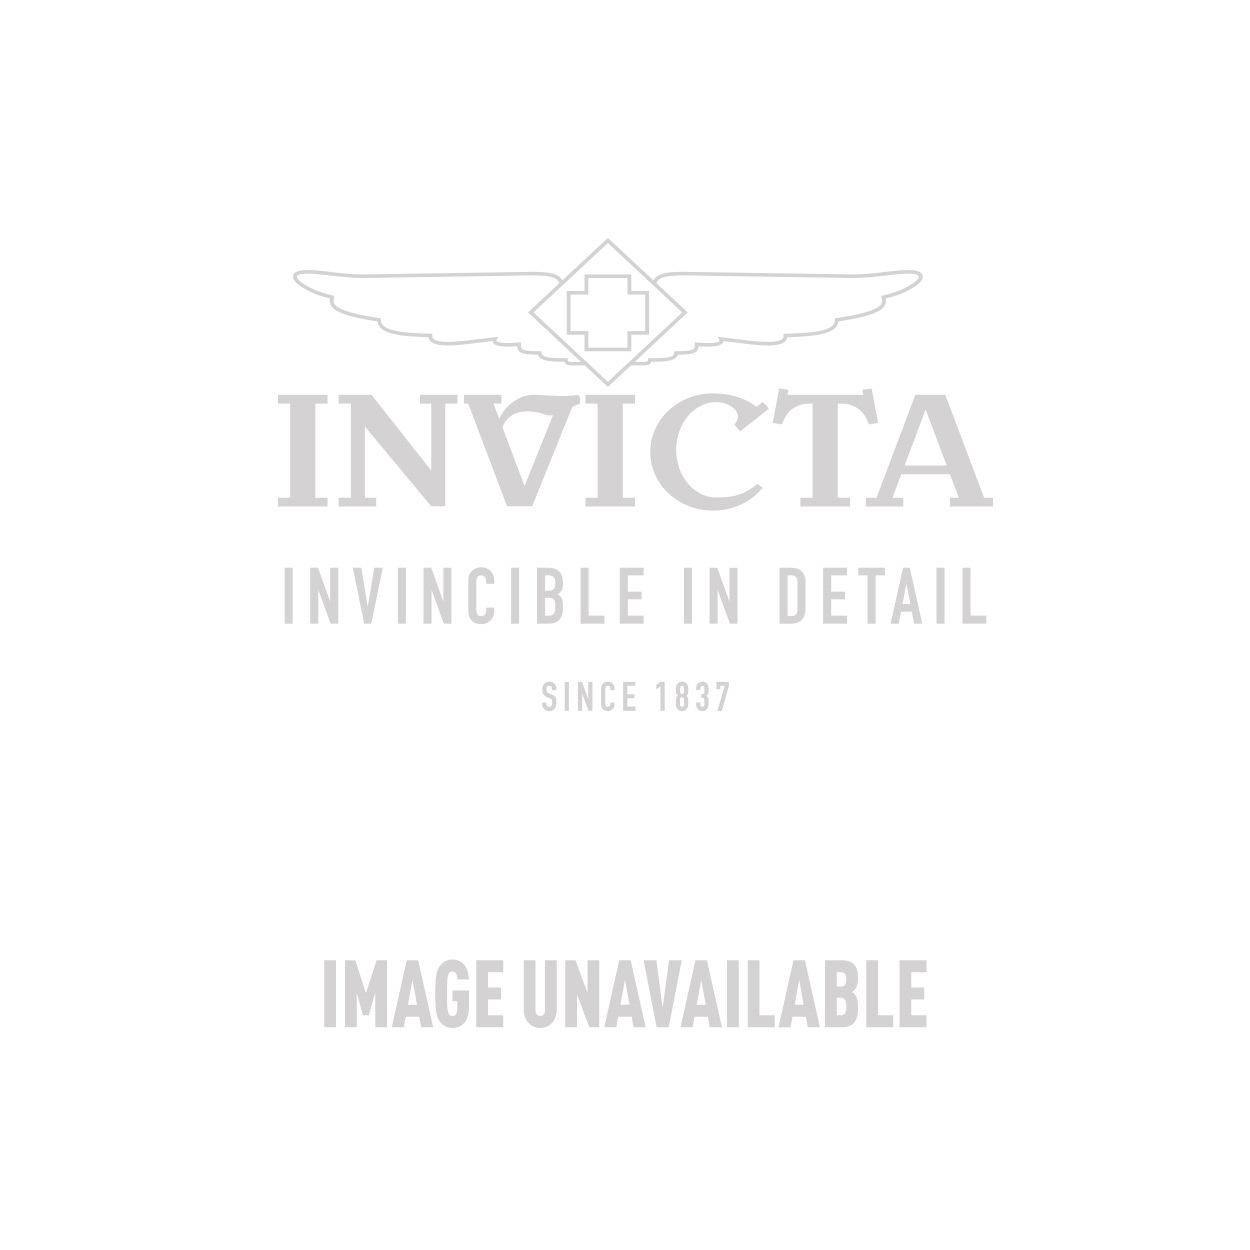 Invicta Model 28145